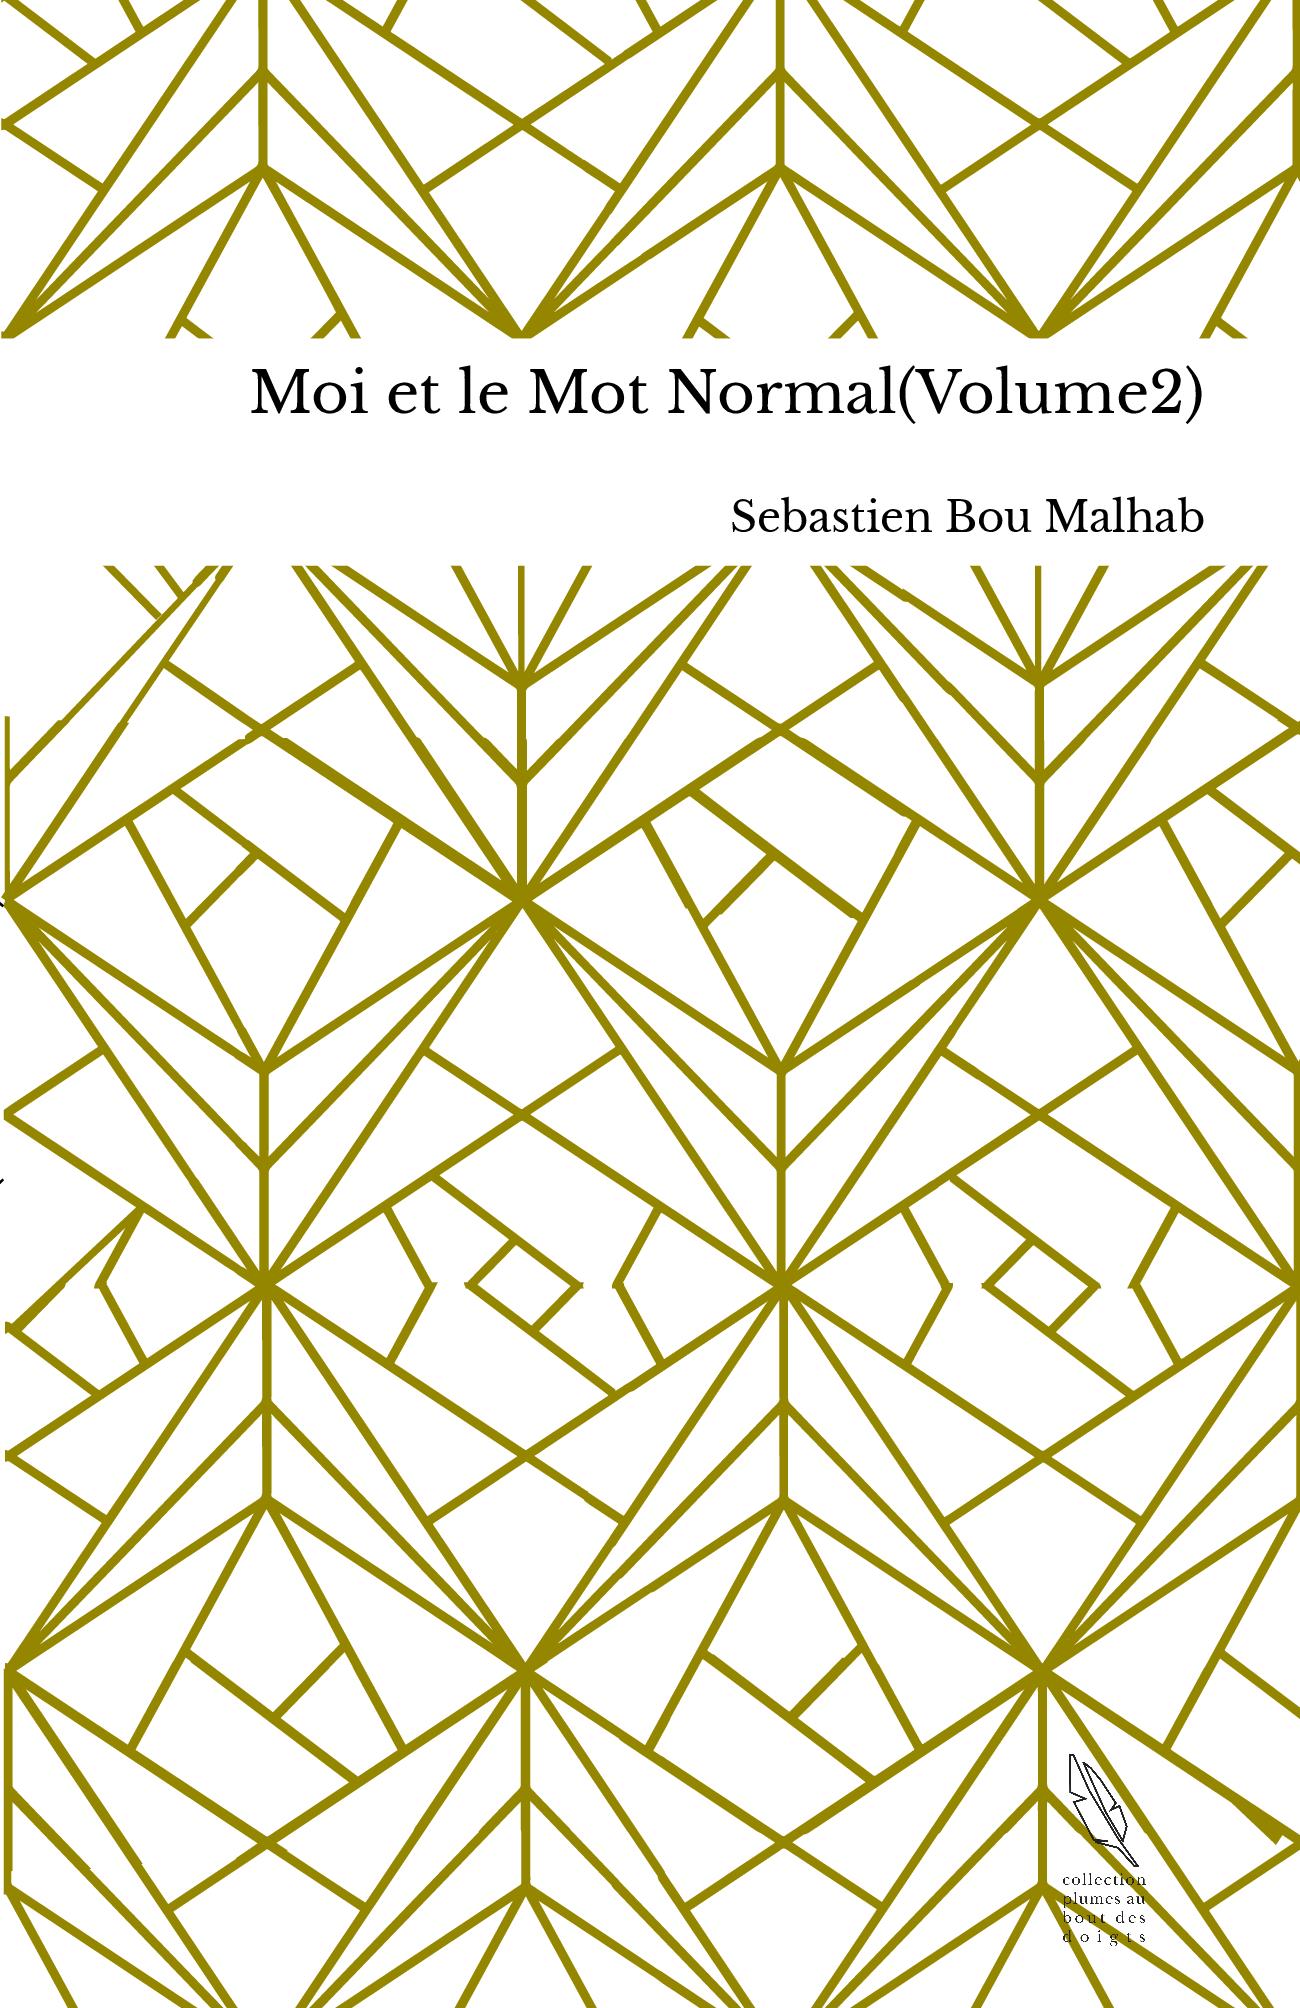 Moi et le Mot Normal(Volume2)